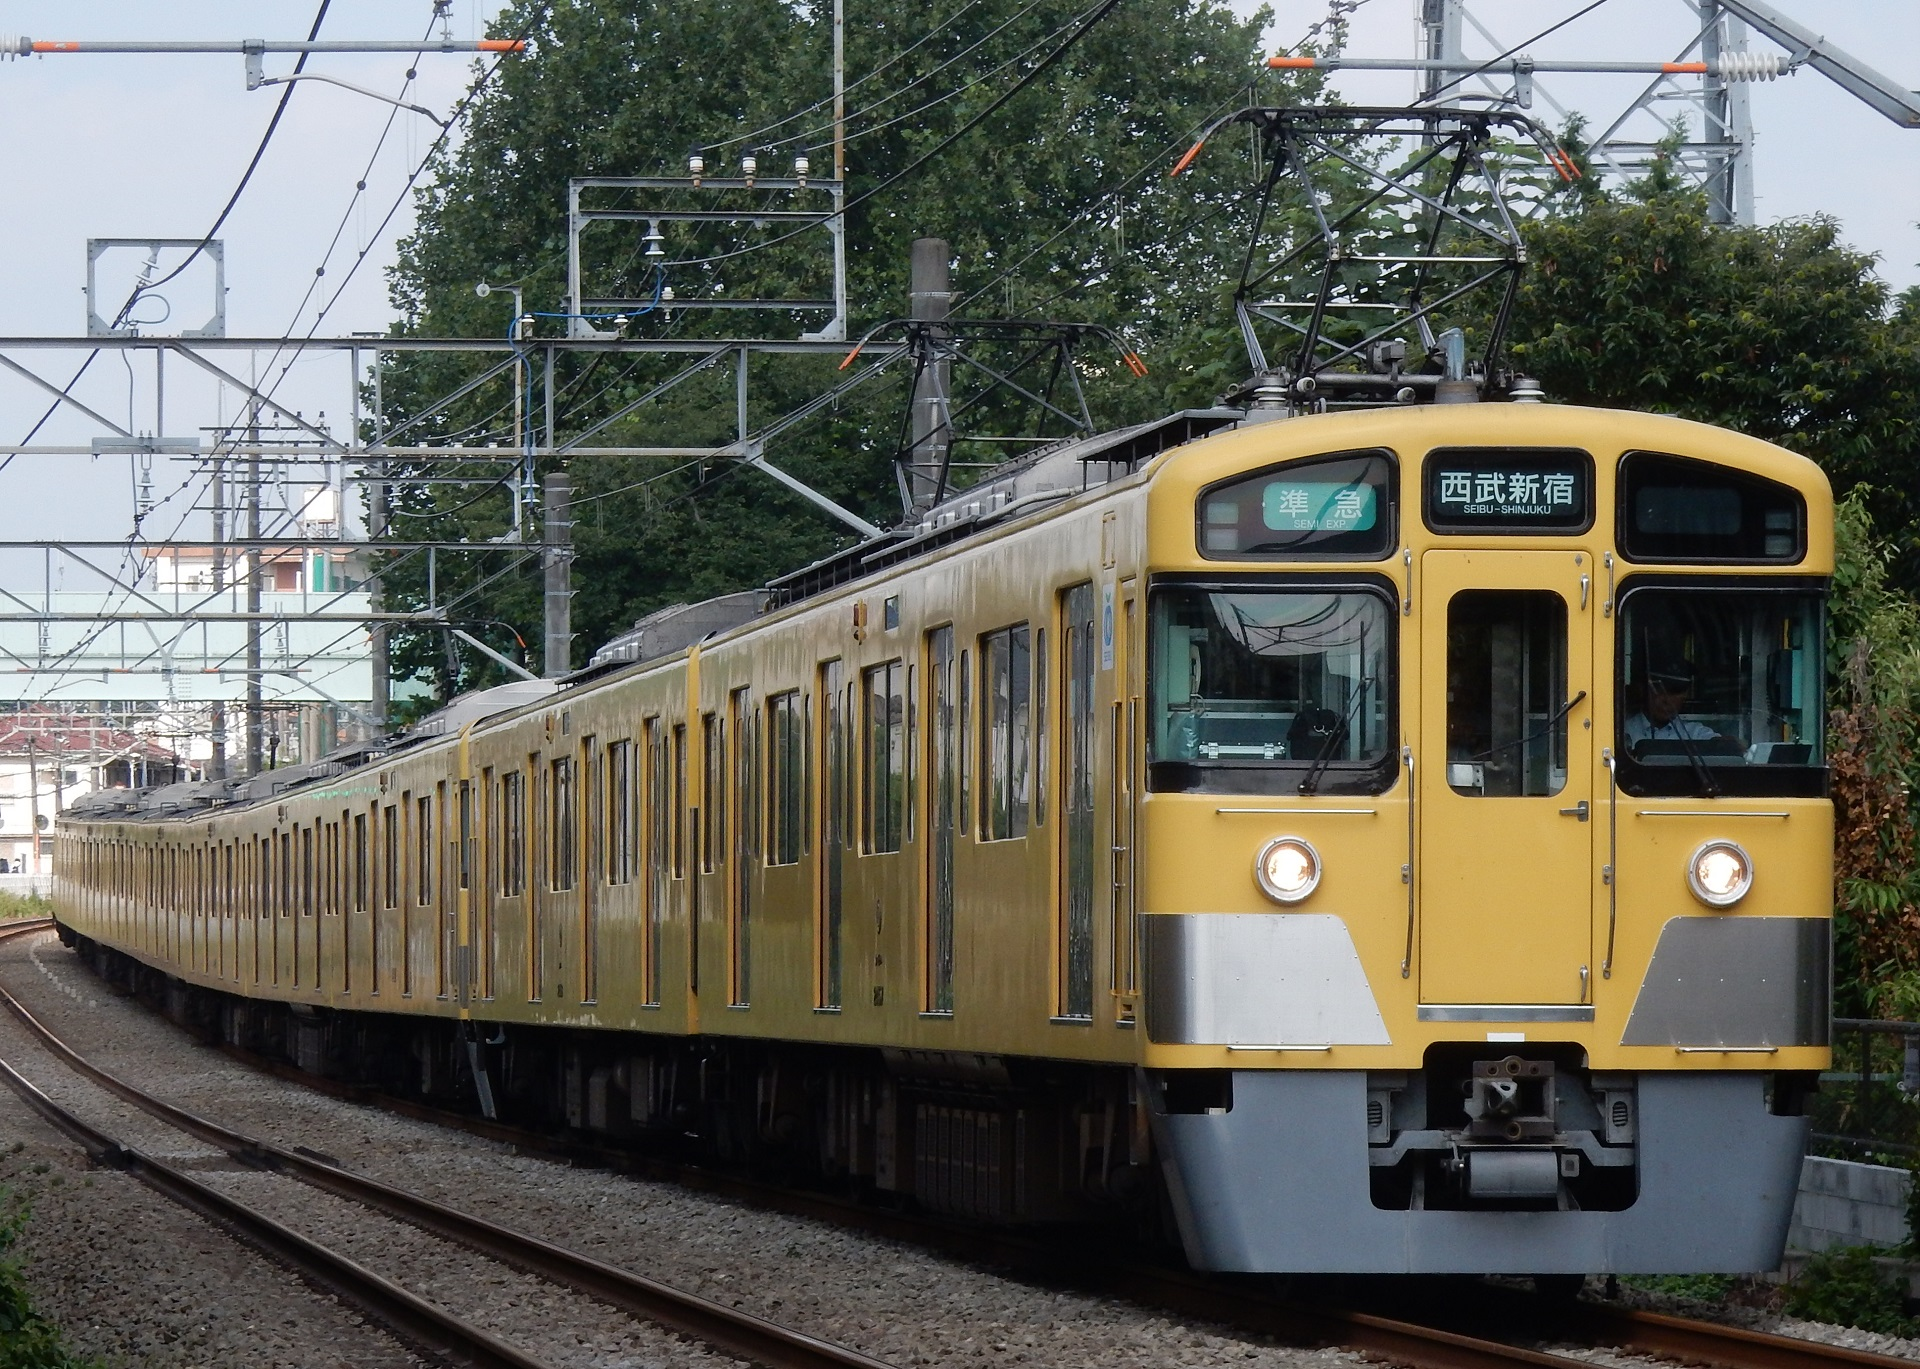 DSCN4955 - コピー